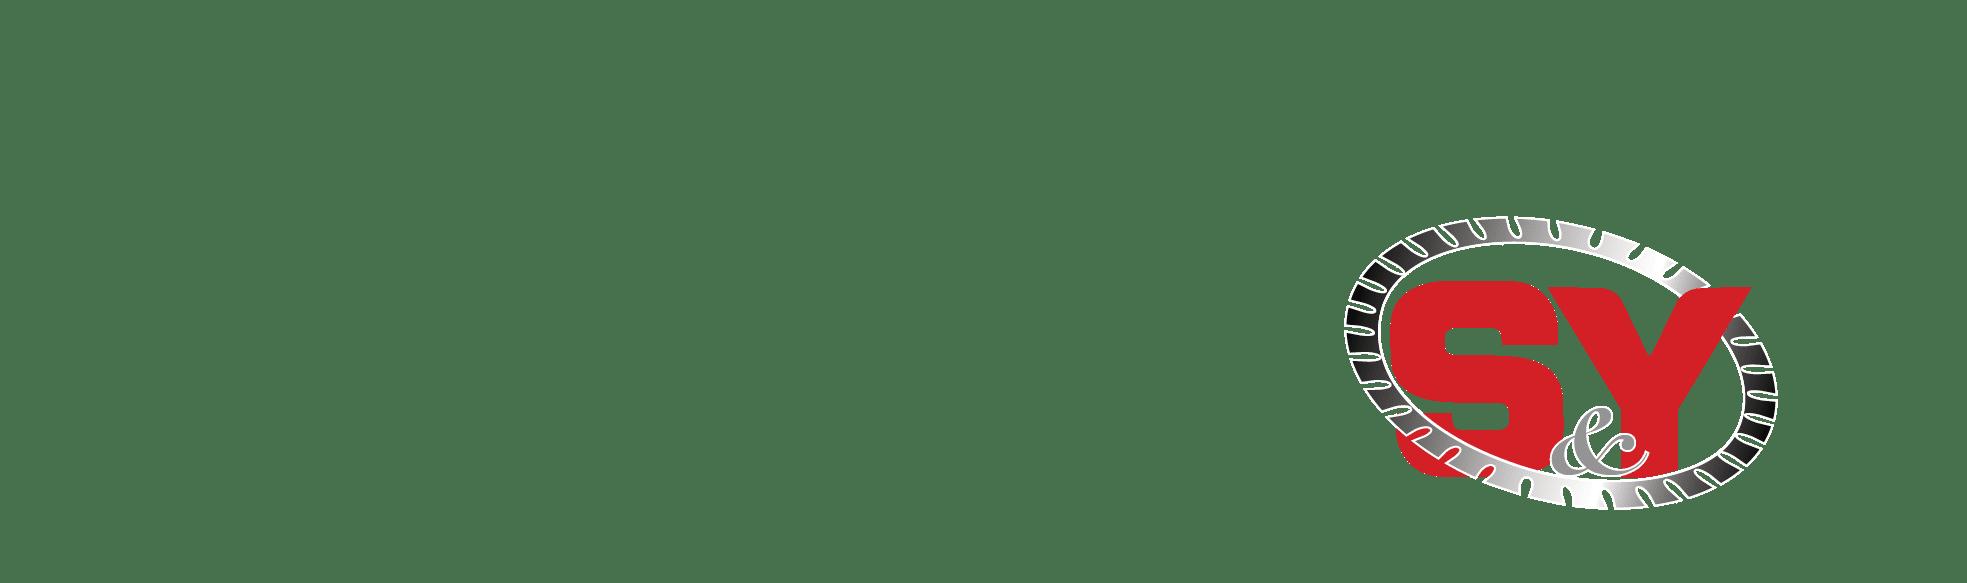 ספיר ויהלום ניסור בטון - לוגו בסליידר